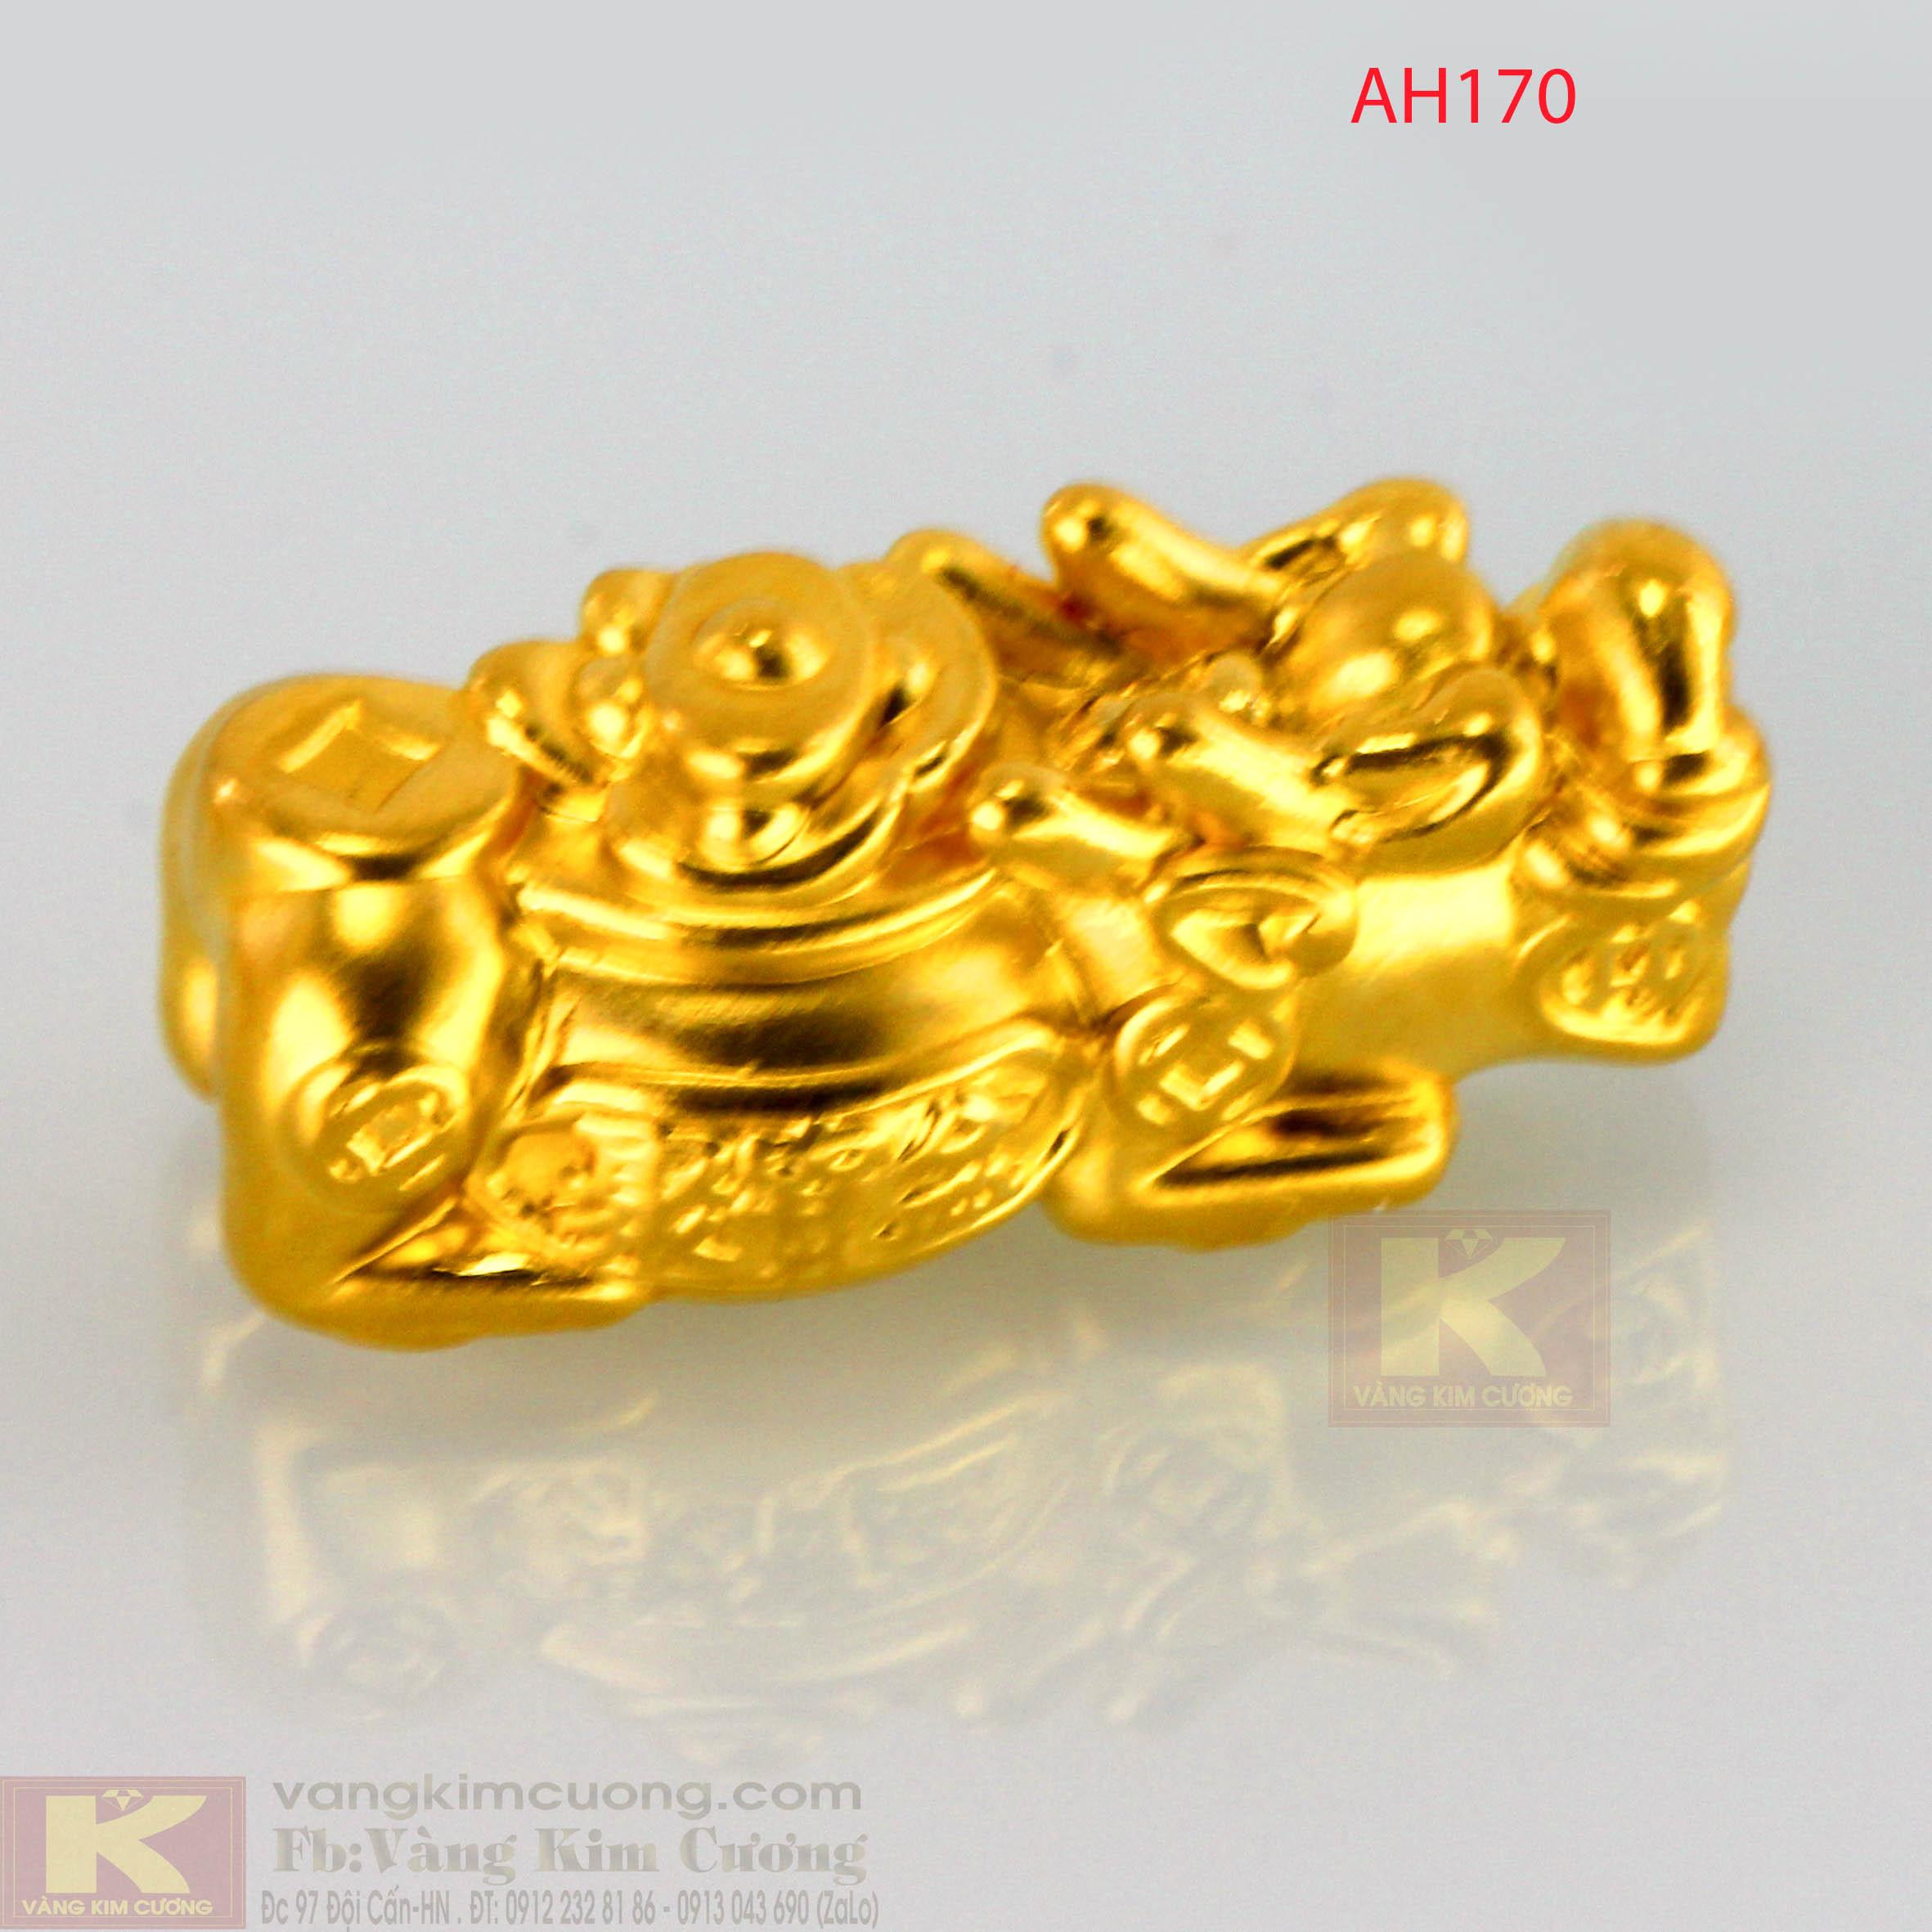 Tỳ Hưu tích tài lộc vàng 24k mã AH170